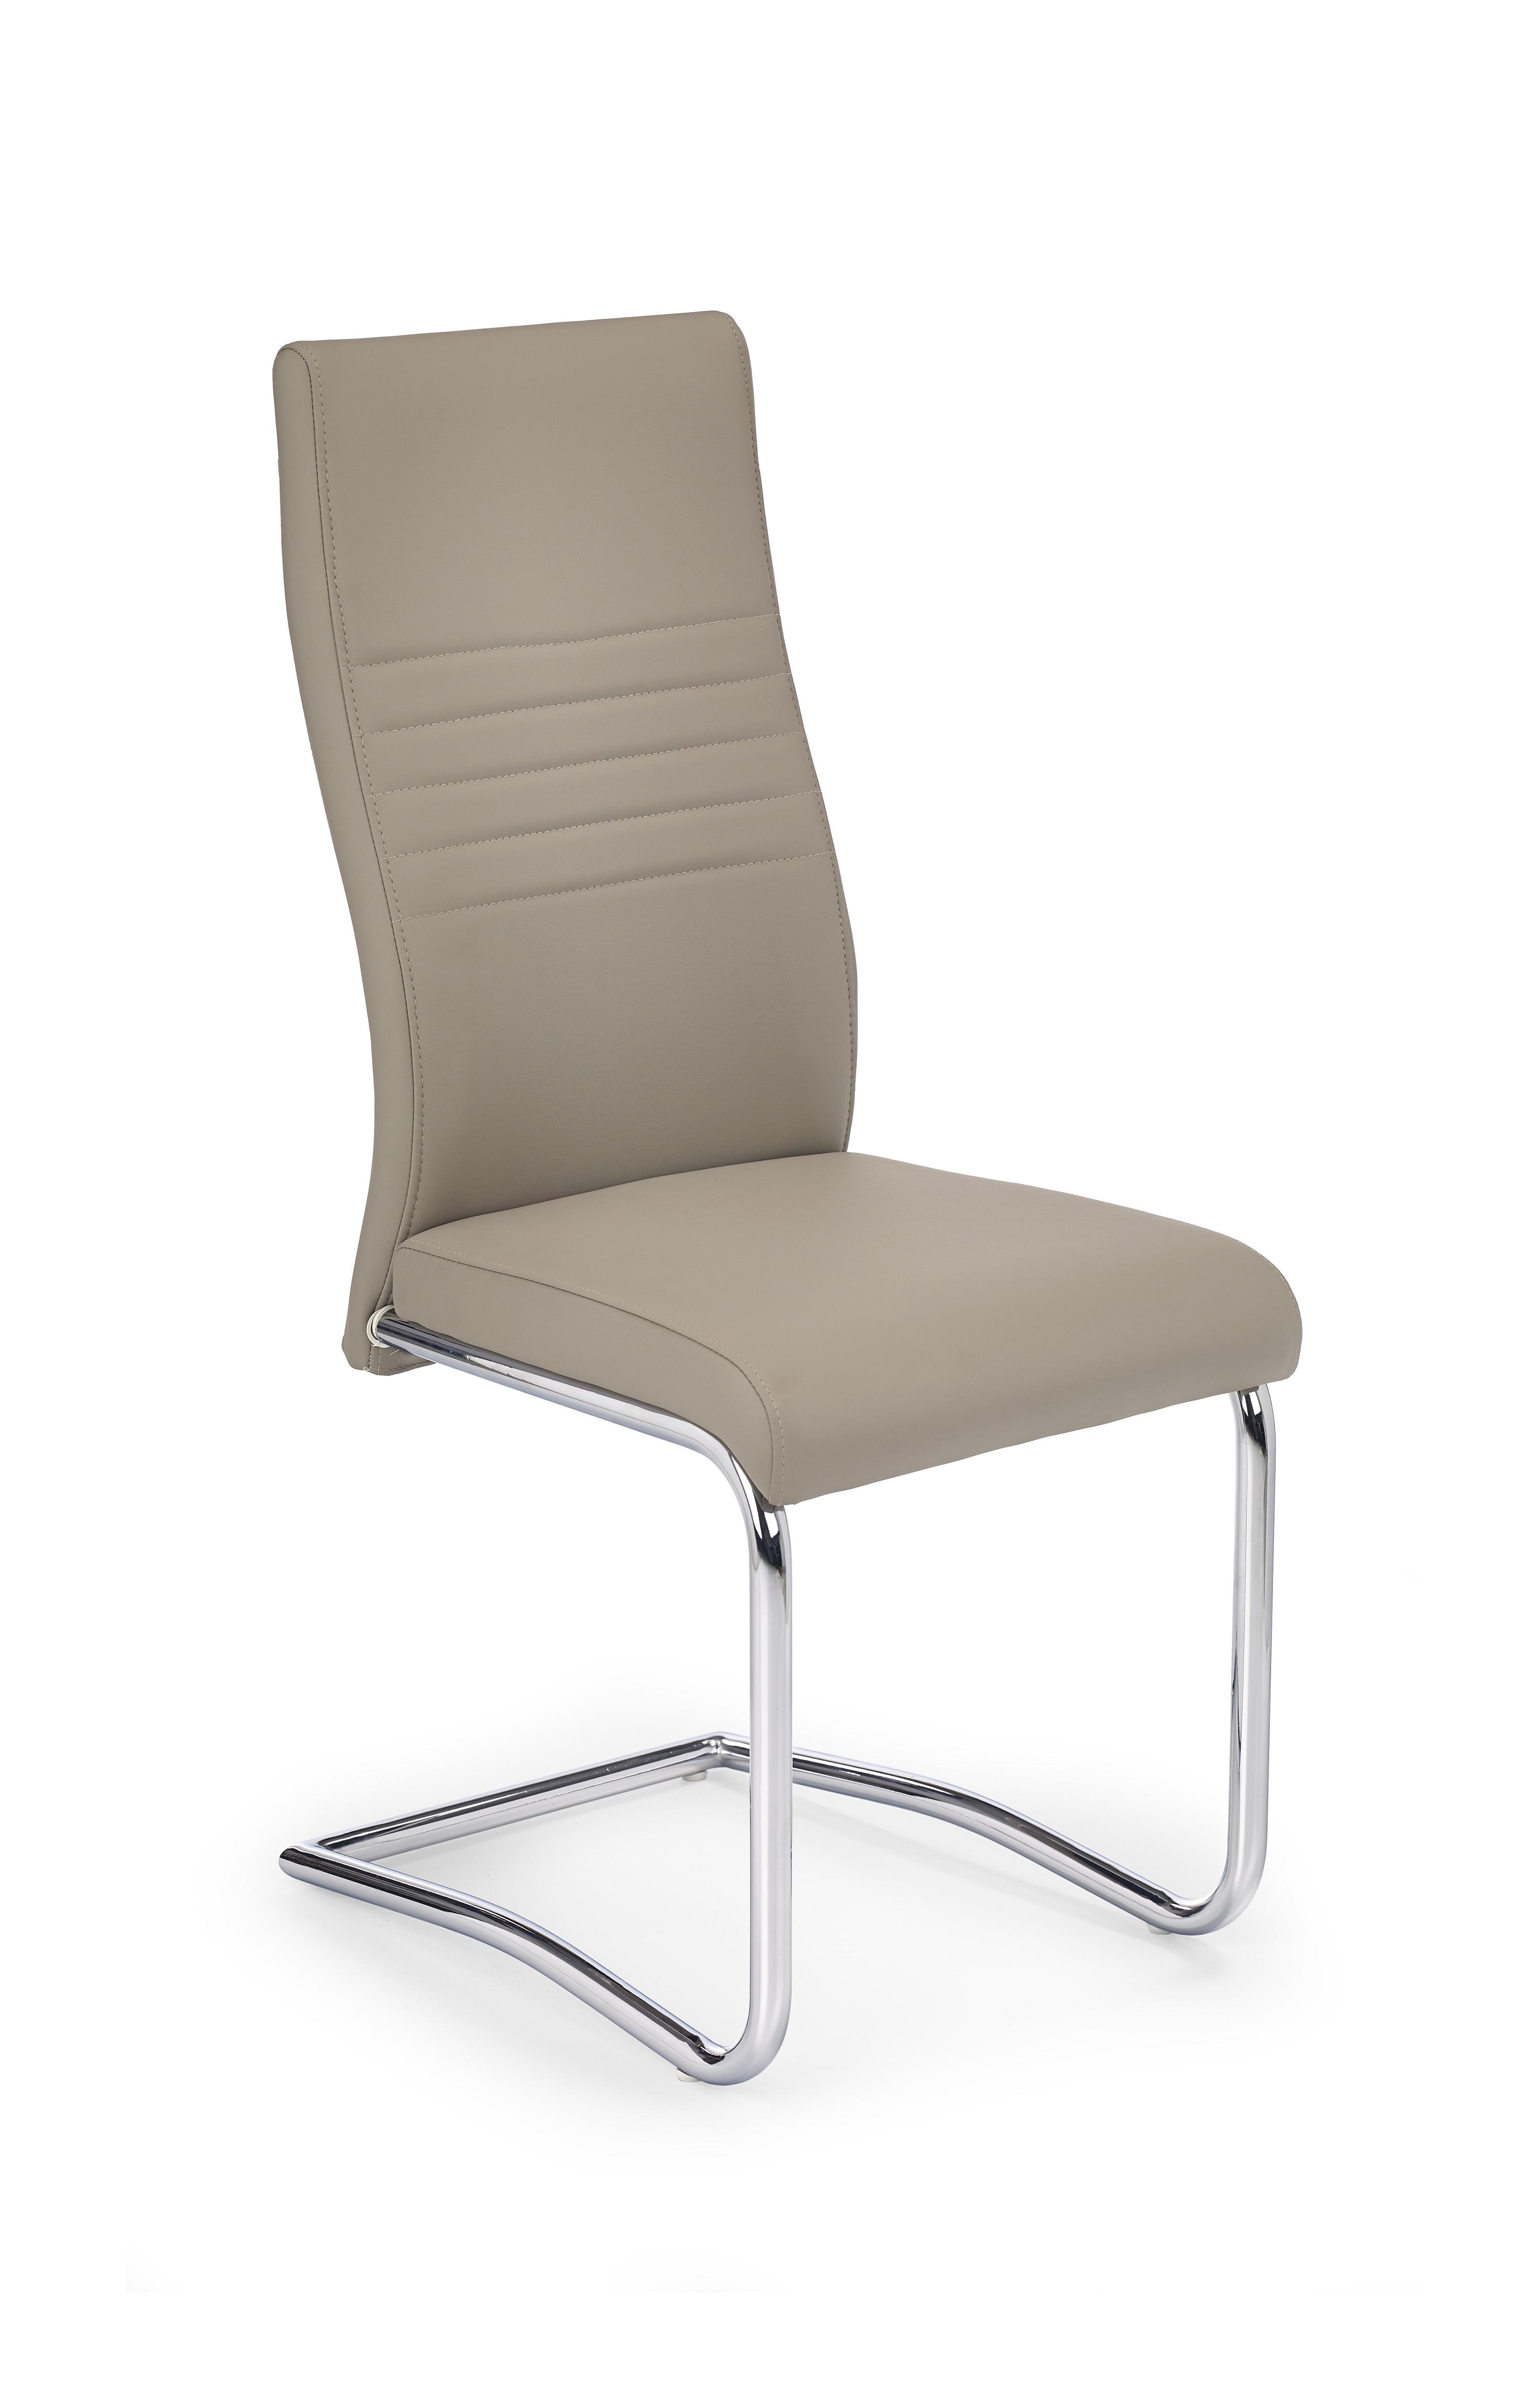 Scaun tapitat cu piele ecologica, cu picioare metalice K183 Cappuccino, l43xA58xH101 cm